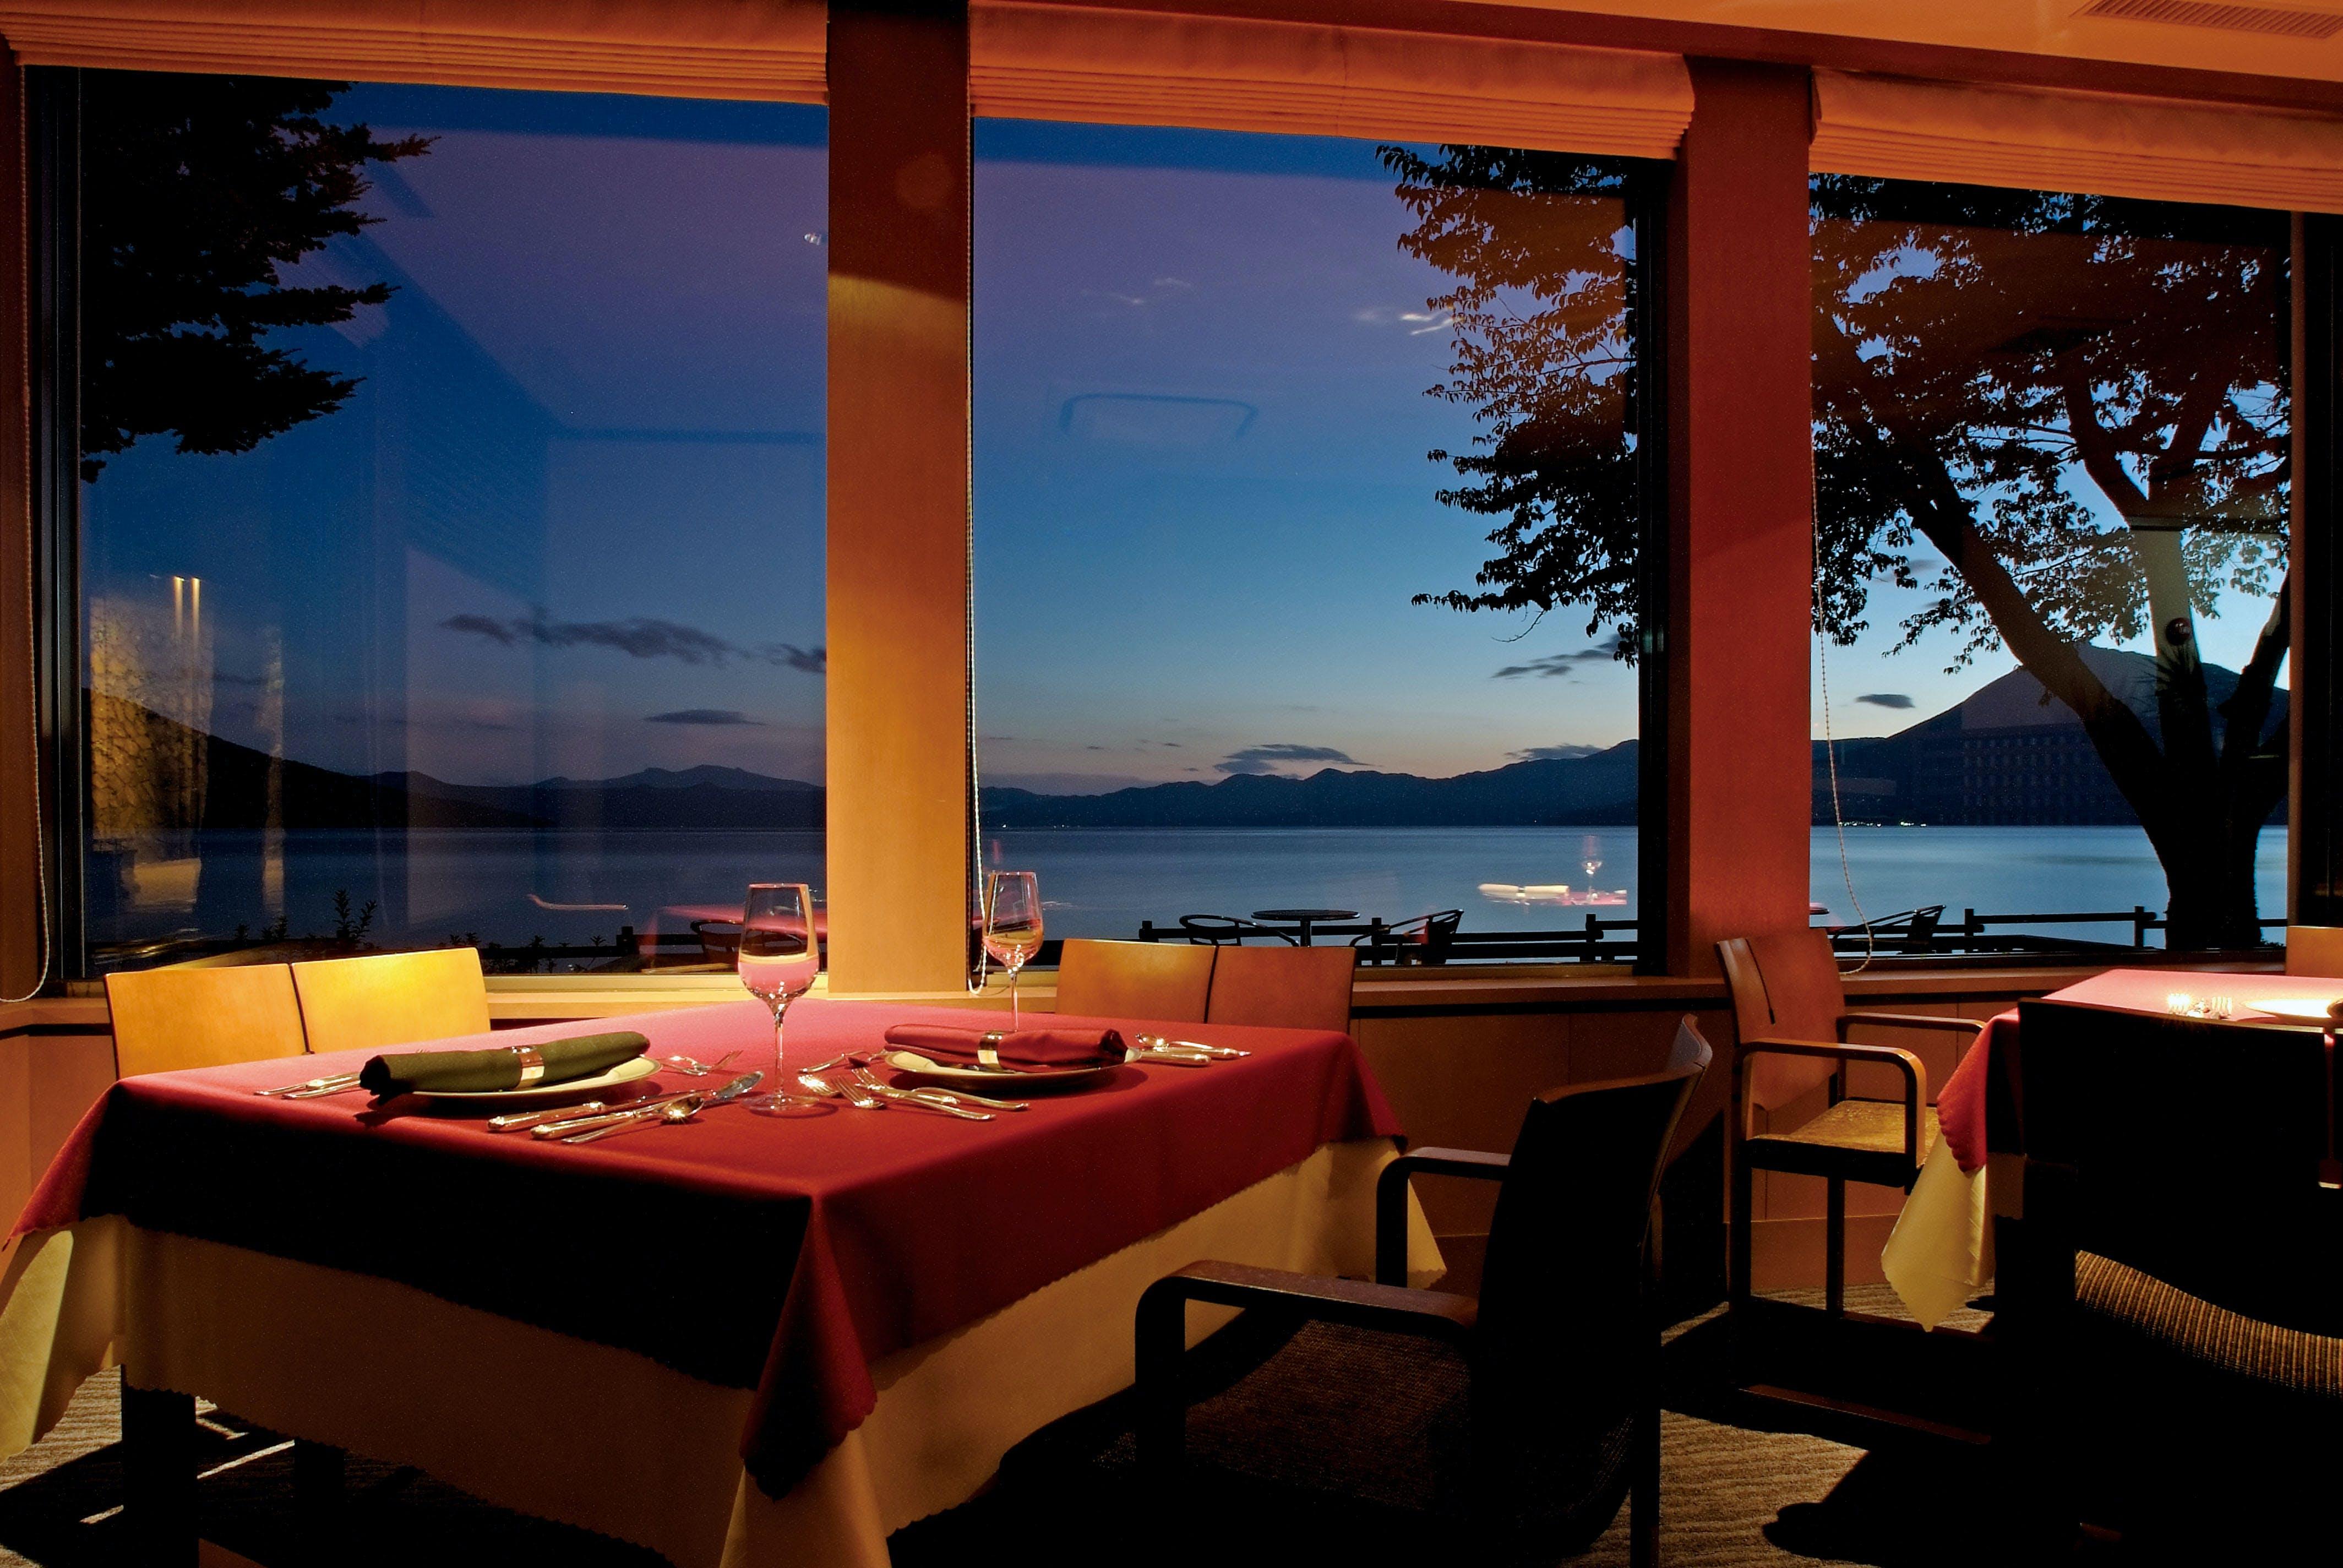 北海道・支笏湖の畔で、美食と天然温泉に癒されるラグジュアリー宿